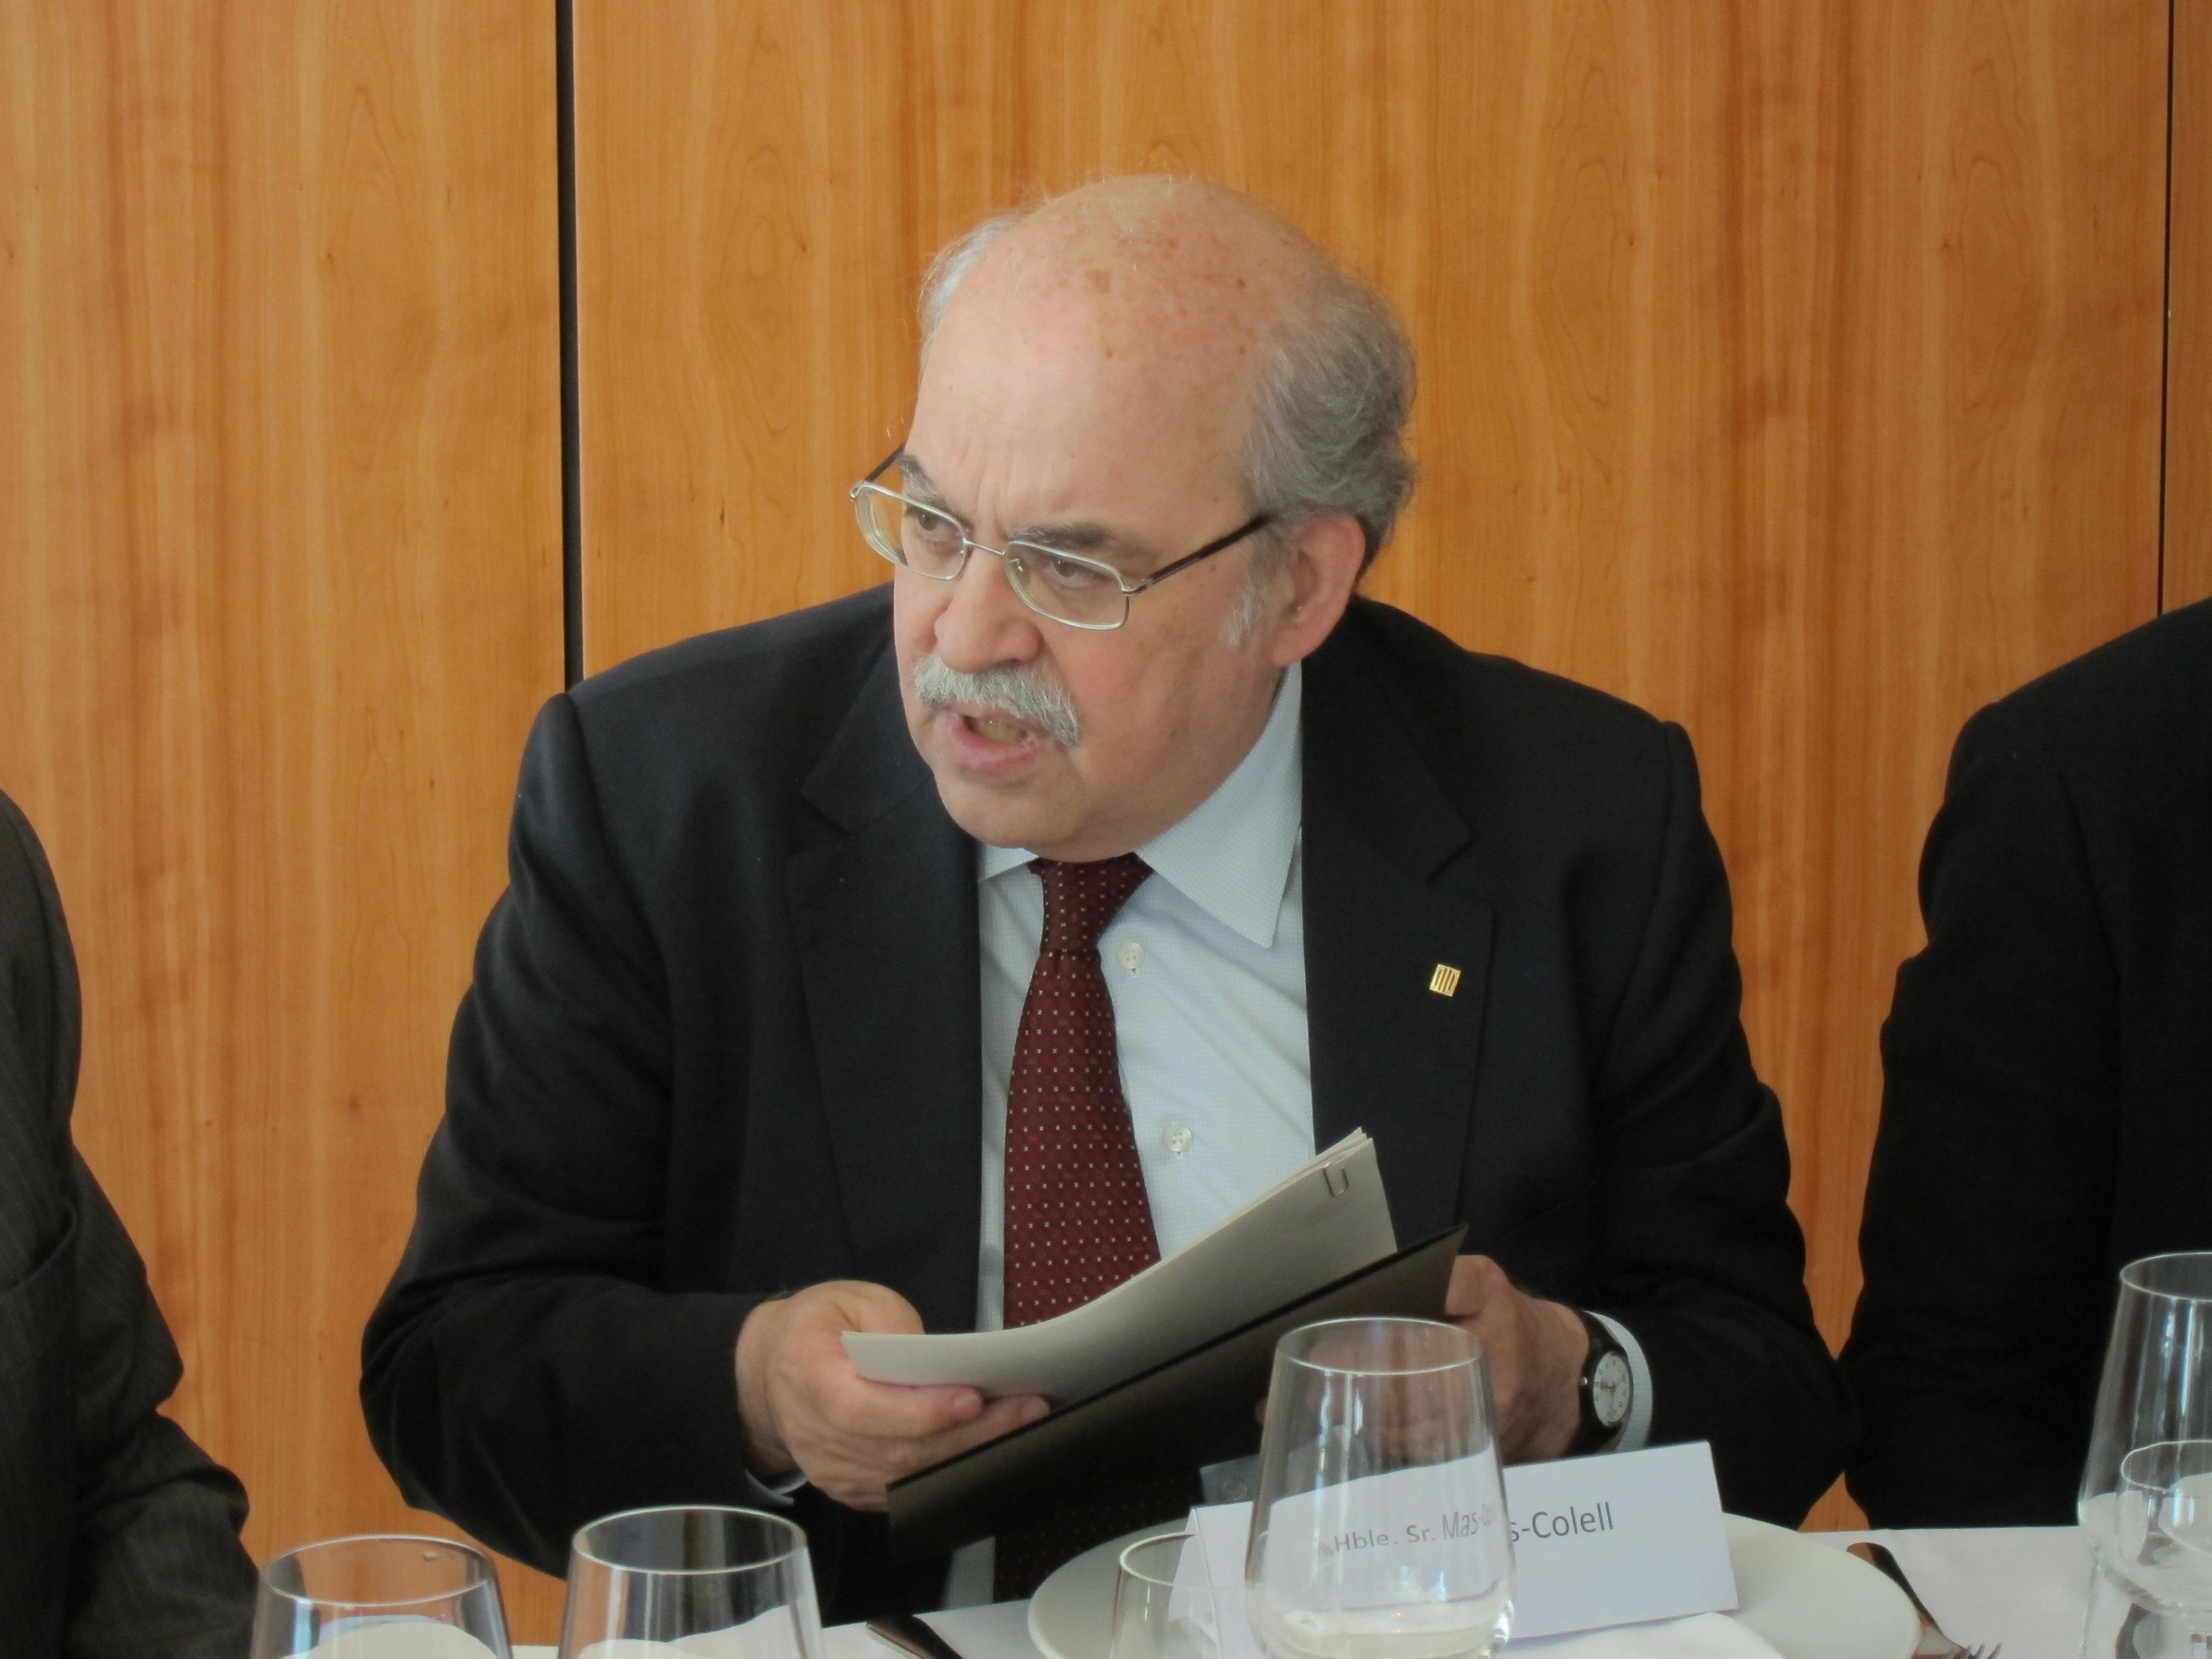 Generalitat de Cataluña cree que la Via no modificará las negociaciones económicas con el Estado